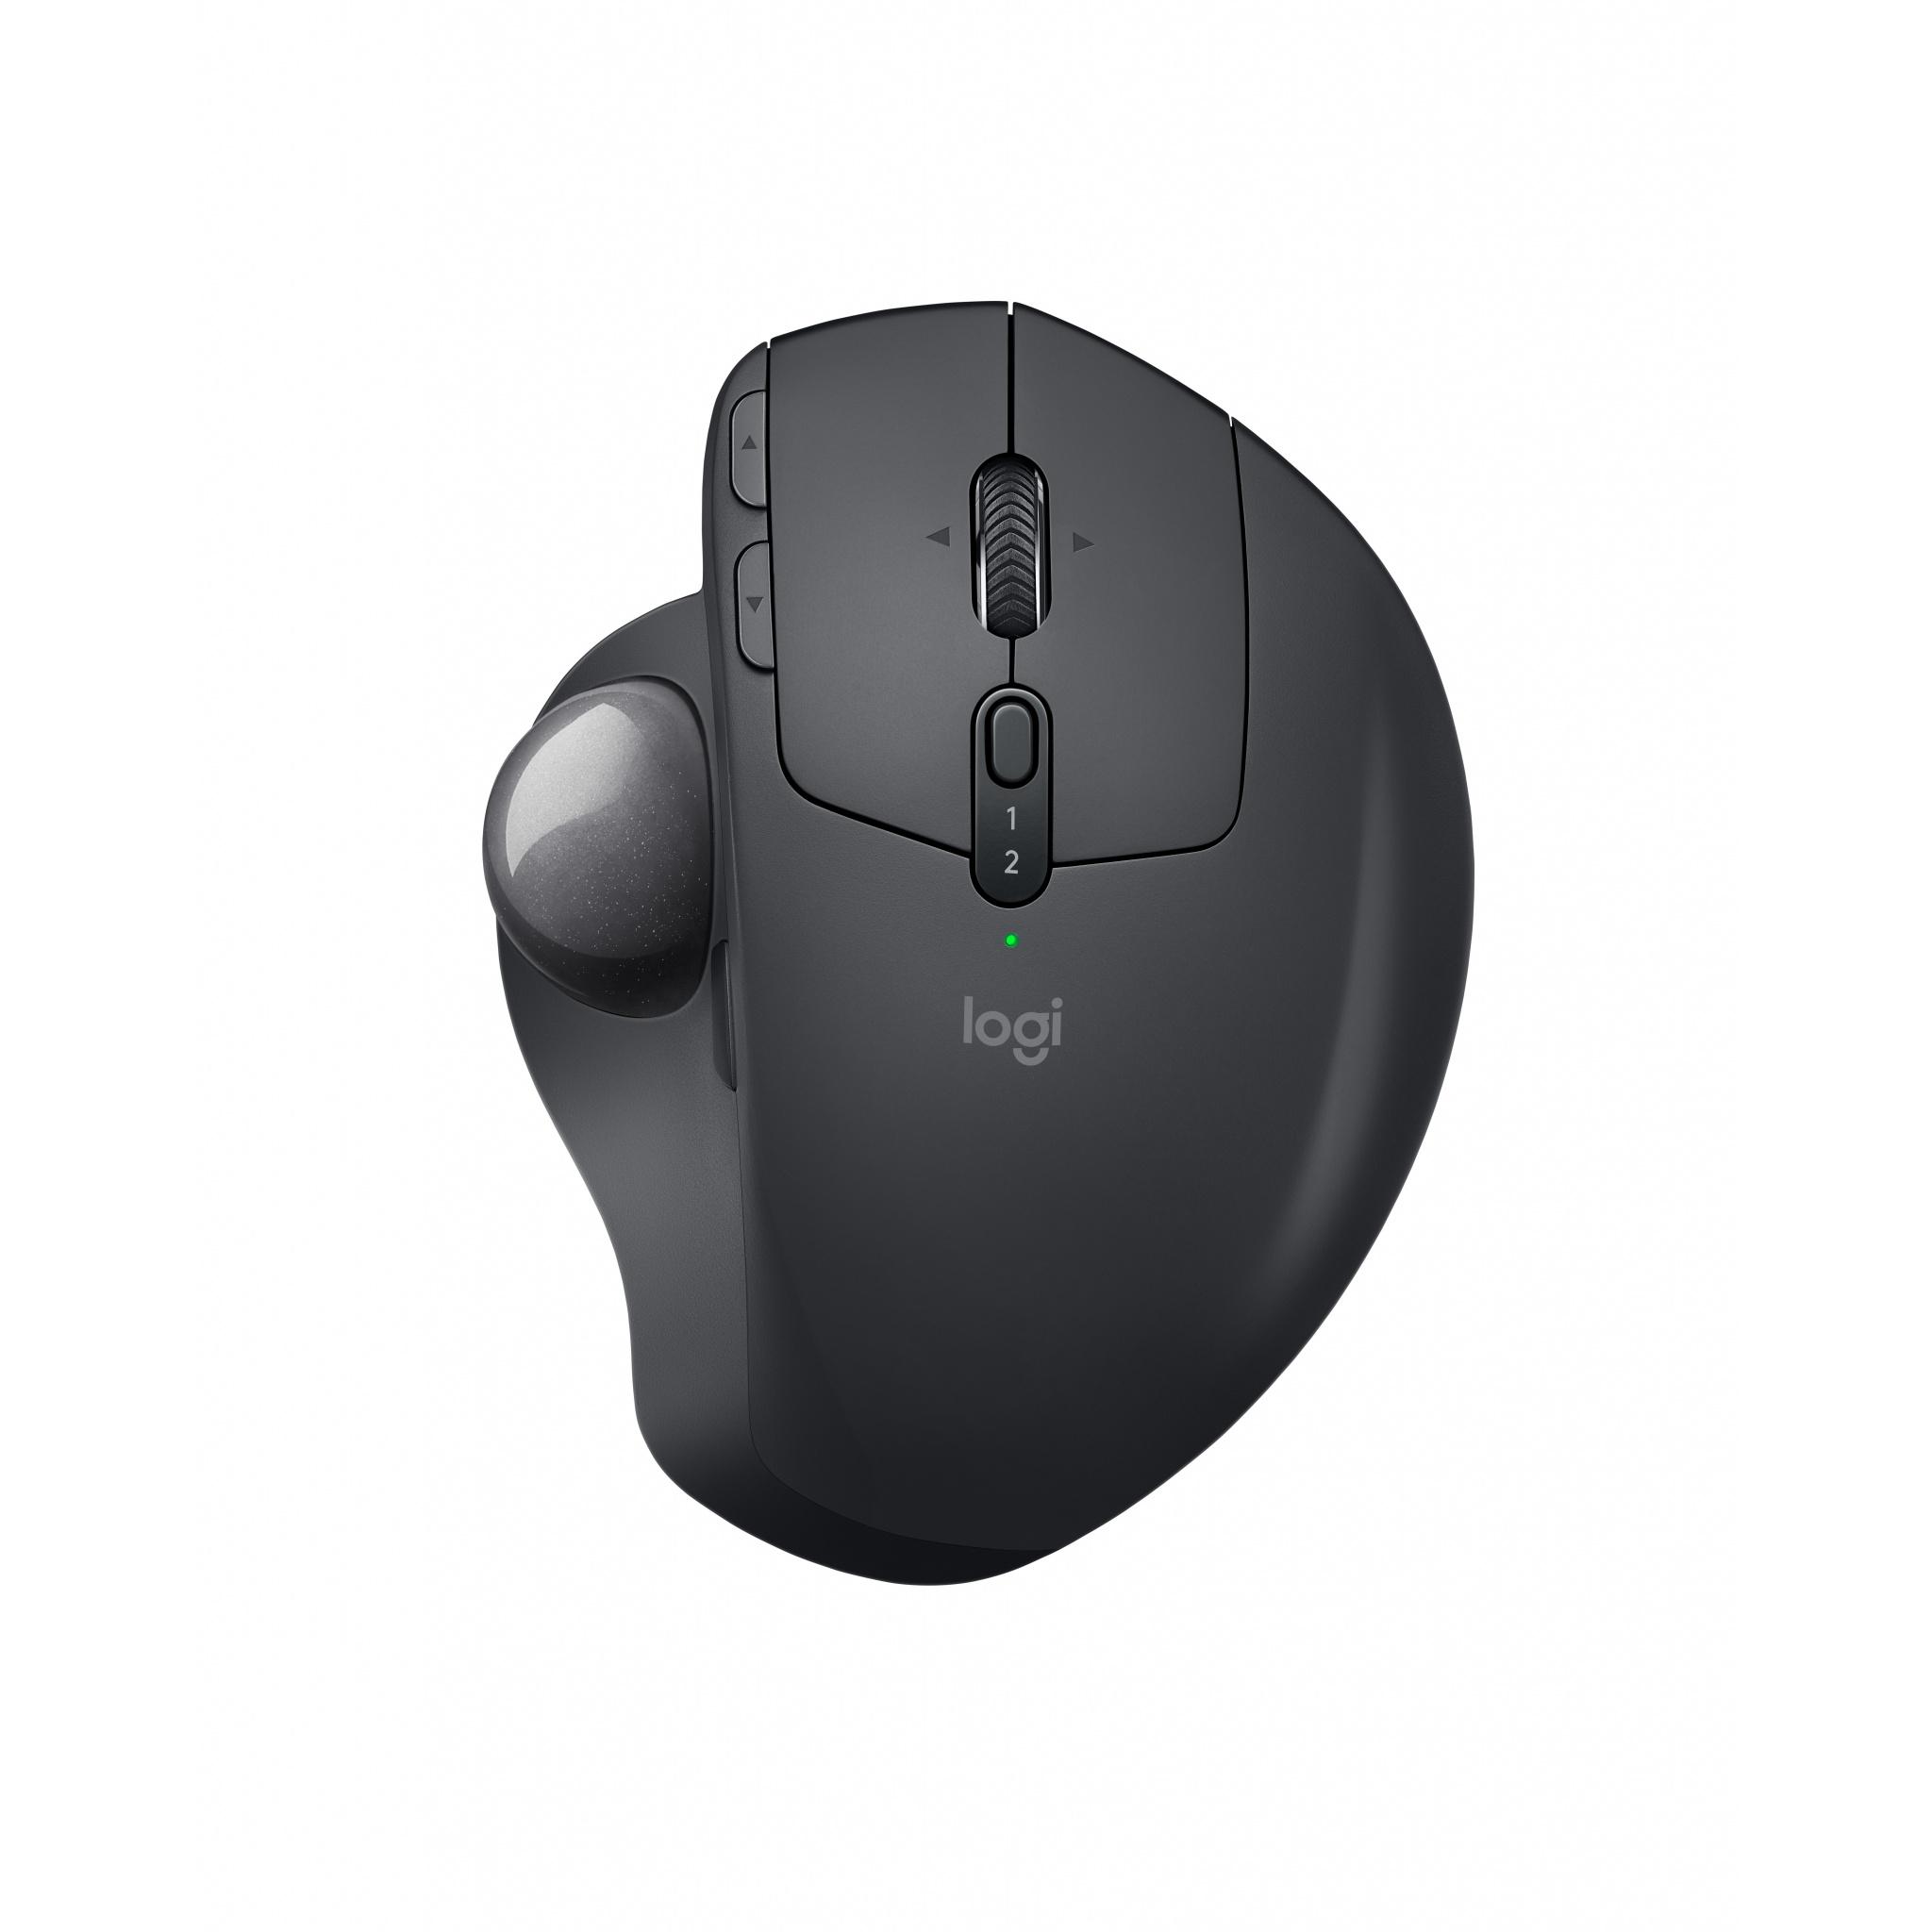 Logitech MX Ergo Advanced Bluetooth 2 4 GHz 8 Buttons Wireless Trackball  Mouse